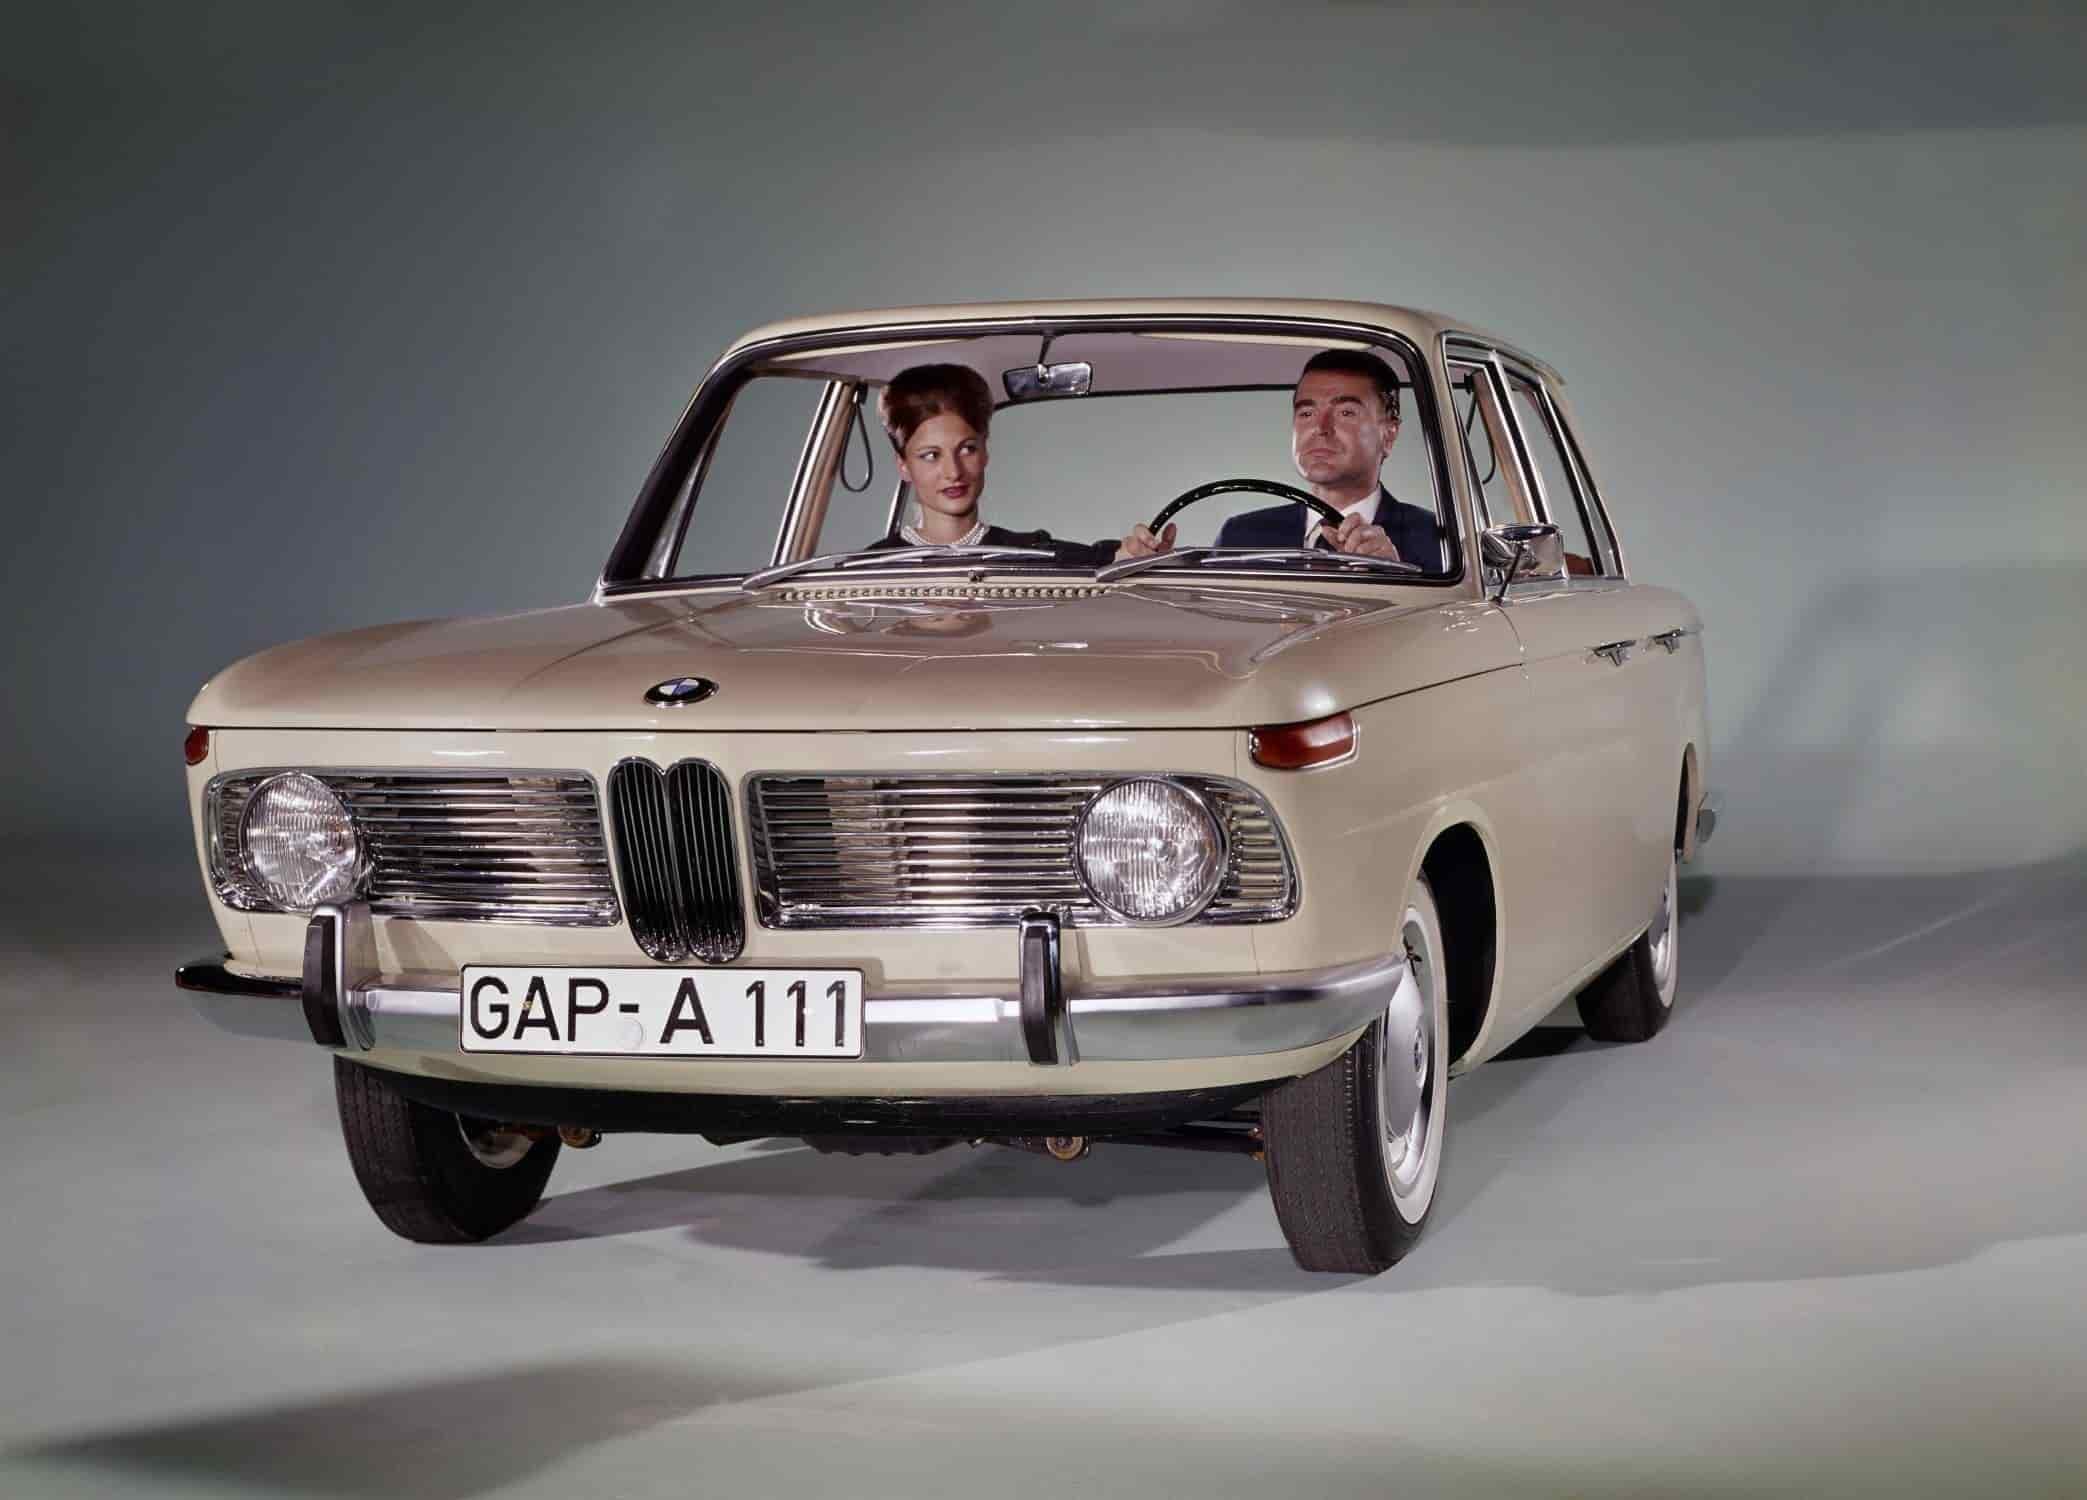 4. BMW 1500 – 1961.Los modelos de gama media marcaron un punto de inflexión a todos los efectos para BMW: técnico, comercial y en relación con el diseño típico de la marca. La parrilla doble del BMW 1500 y de los modelos BMW 1600, BMW 1800 y BMW 2000, era muy similar a la del BMW 503, pero por primera vez las dos partes aparecían unidas, más estrechas que en todos los modelos anteriores y colocadas en el medio de dos amplias parrillas horizontales. Este fue el patrón para el diseño frontal de BMW hasta inicios de los 80´s.